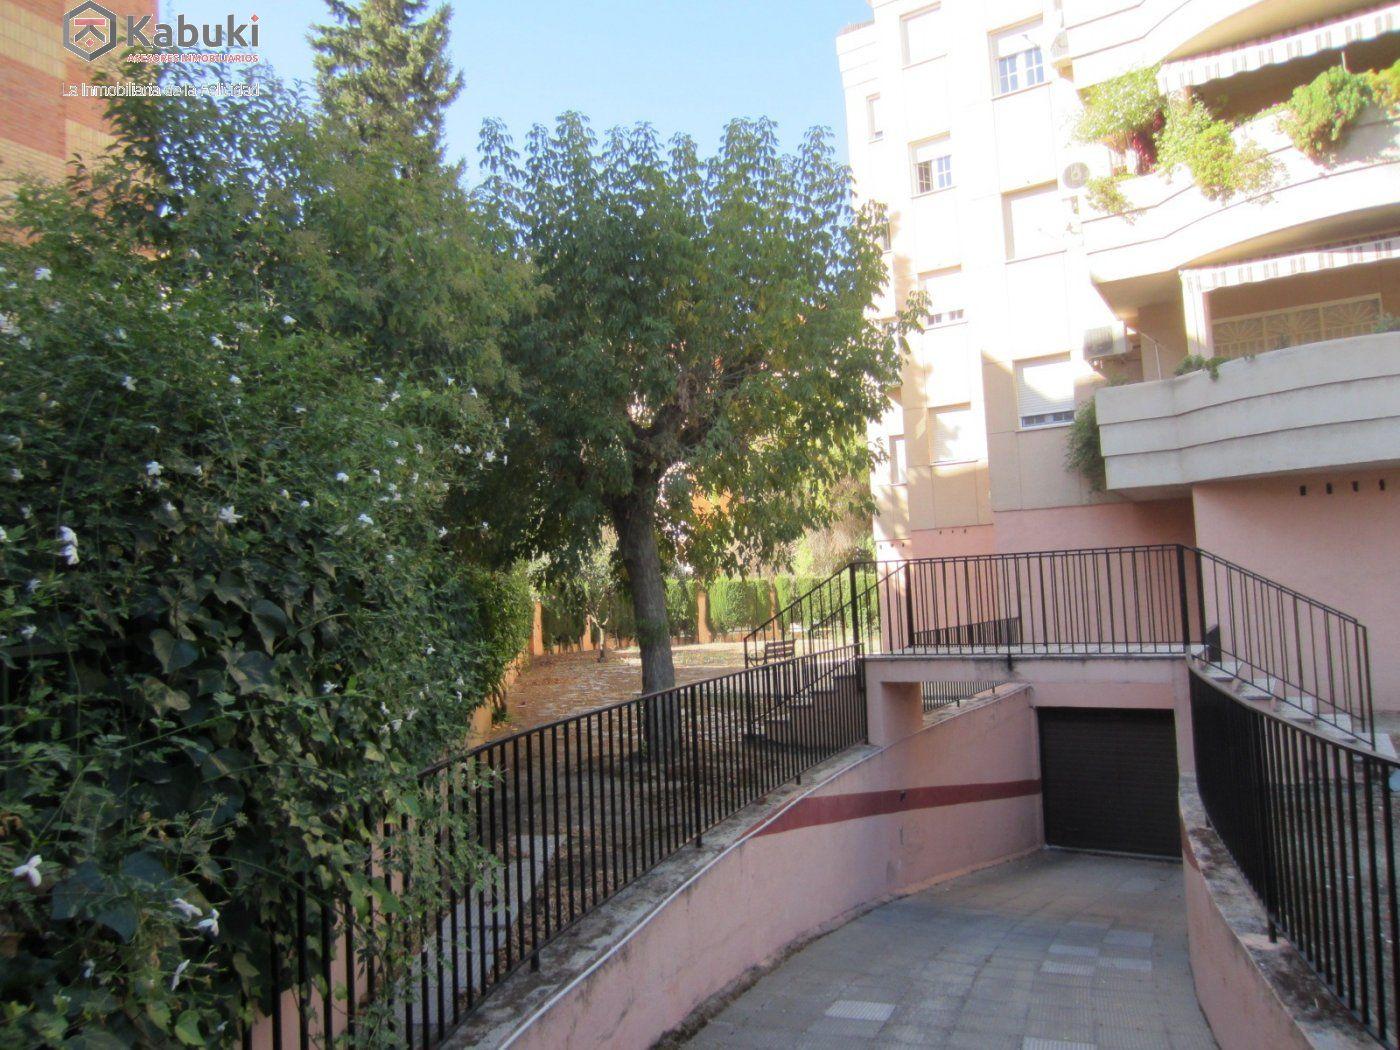 Ático con vistas despejadas en zona residencial, 3 dormitorios, inmejorables calidades - imagenInmueble34